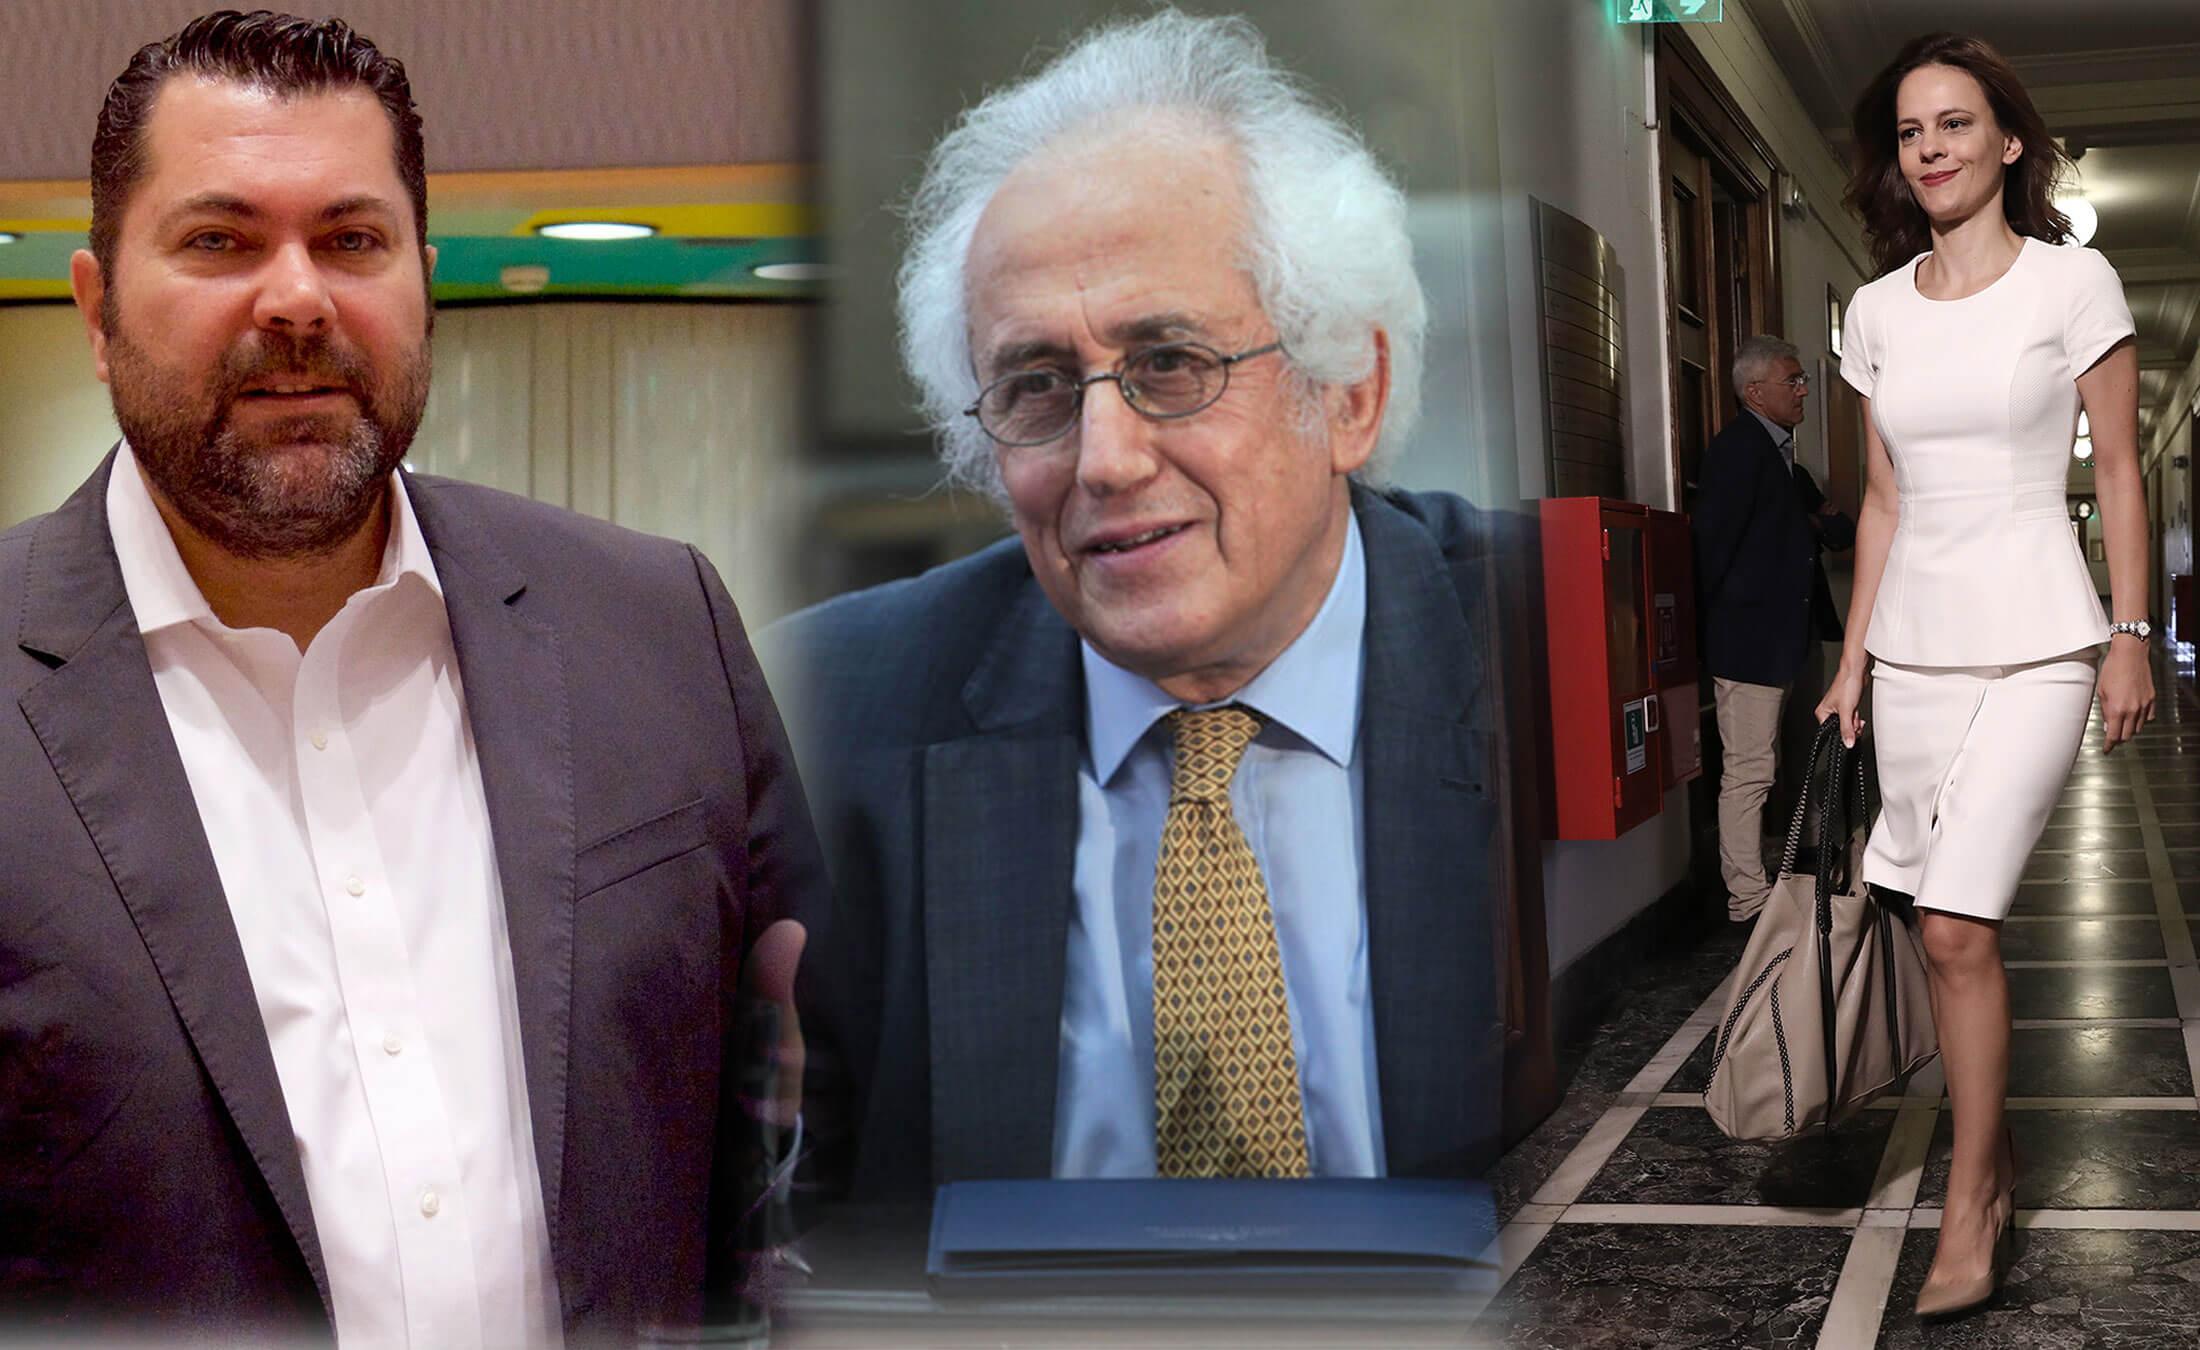 Εκλογές 2019 – Ο Αντώνης Ρουπακιώτης υπηρεσιακός υπουργός Εσωτερικών